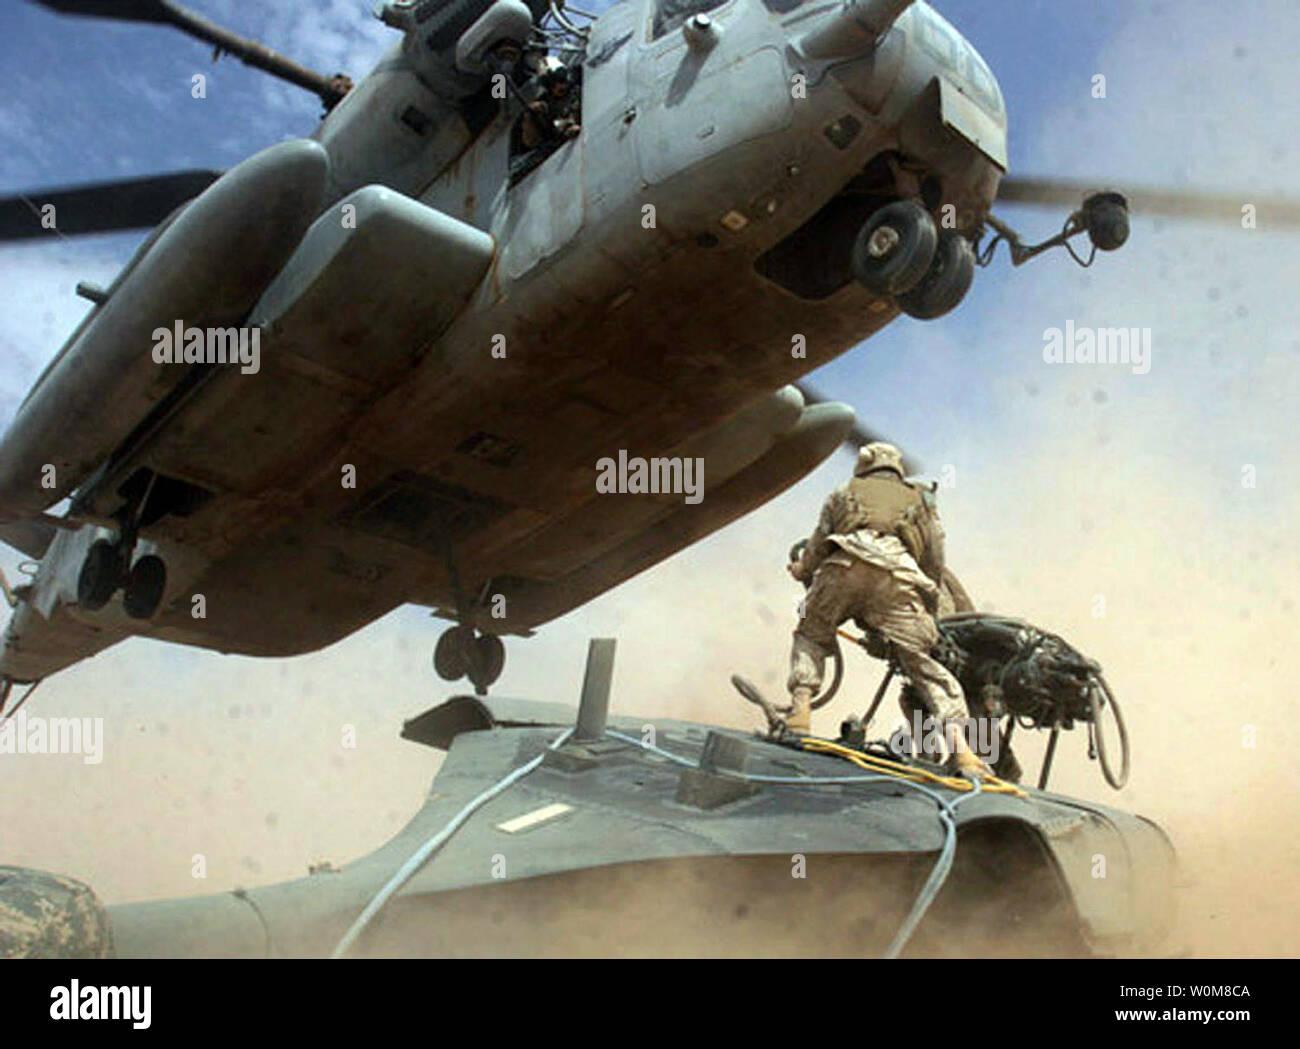 Los infantes de Marina de EE.UU. compañía de logística de combate 117, luchar contra el batallón logístico 7, plataformas una cuerda desde un helicóptero Black Hawk UH-60 a un tipo CH-53E Super Stallion de helicópteros para carga pesada en Al Asad, Irak el 18 de marzo de 2006. (UPI foto/Corp. William Dubose/DOD) Imagen De Stock